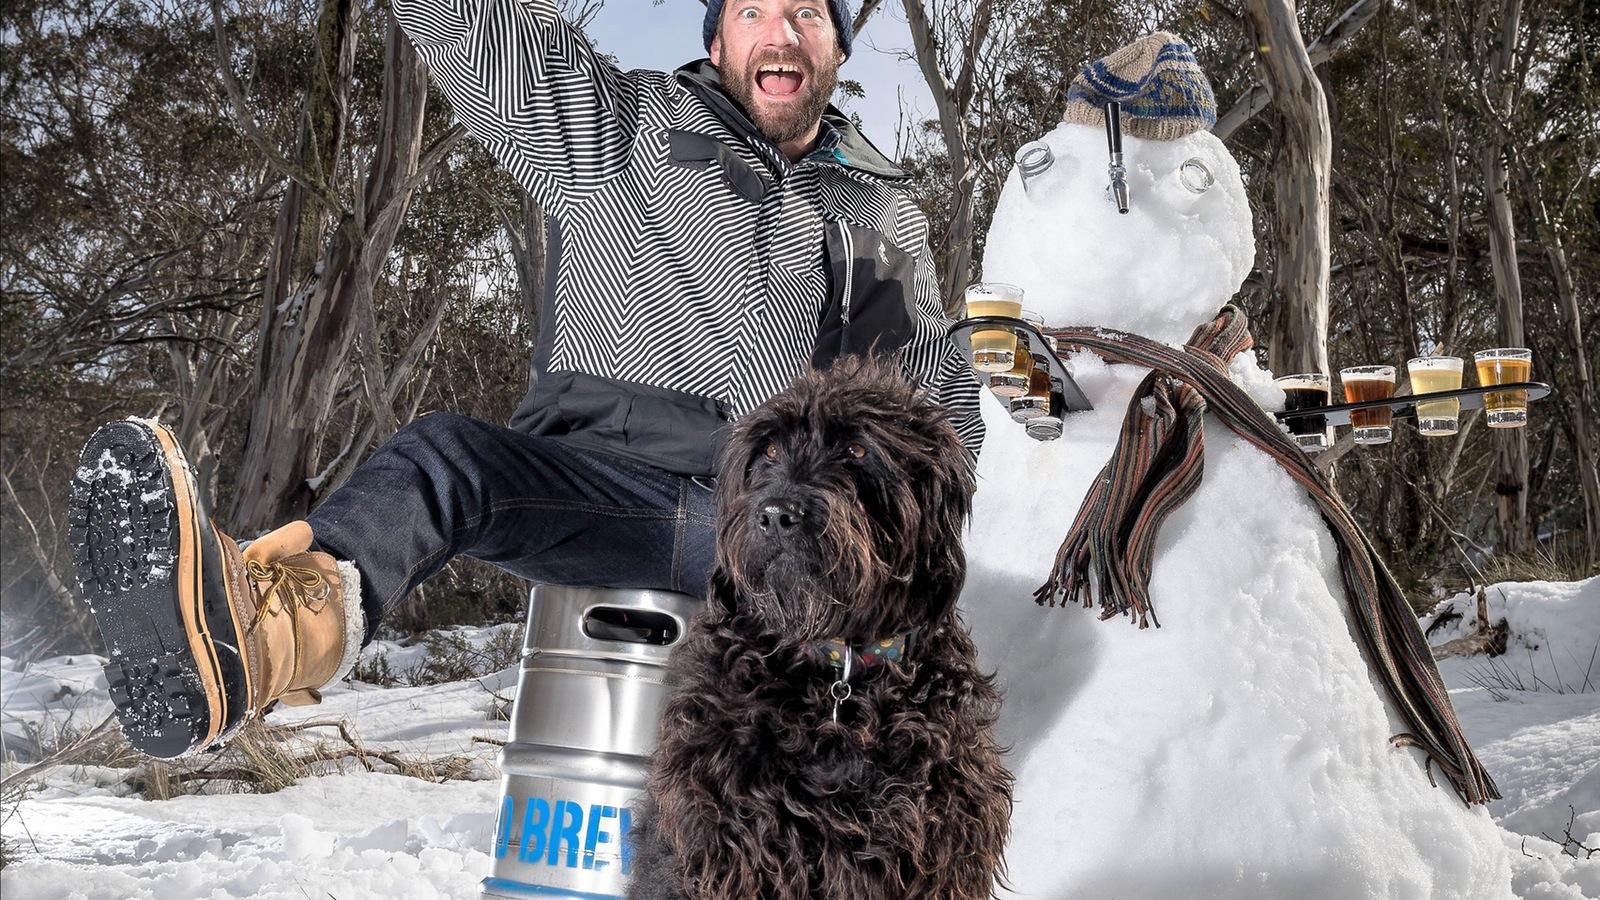 Beer Snowman